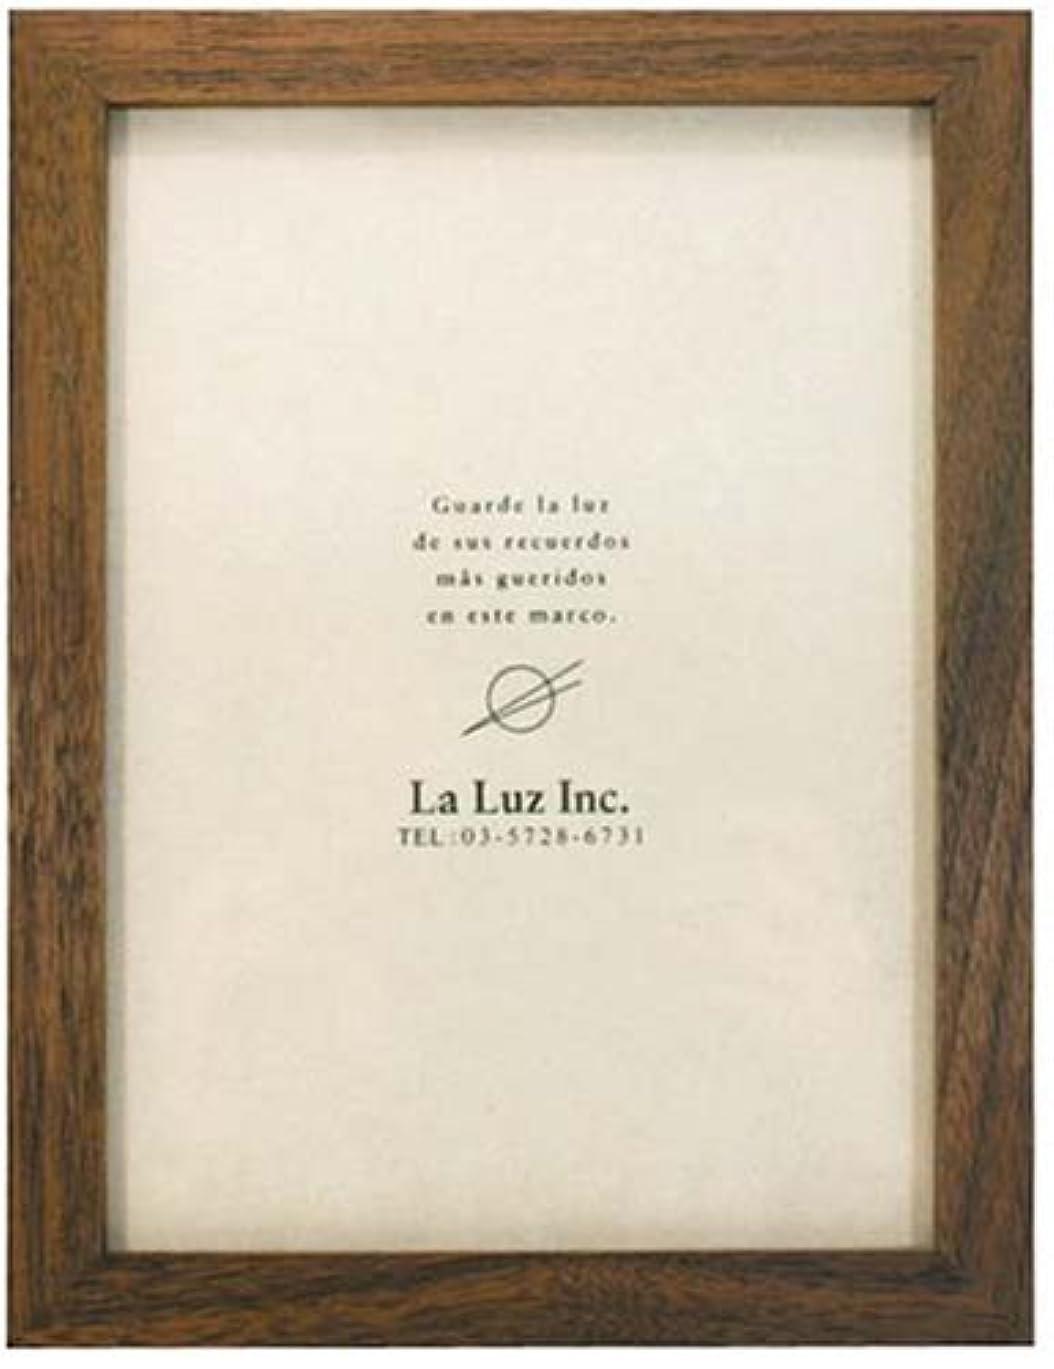 大きなスケールで見るとダイジェストいわゆるLa-Luz (ラ?ルース) ウォールナットフレーム キャビネ 100720